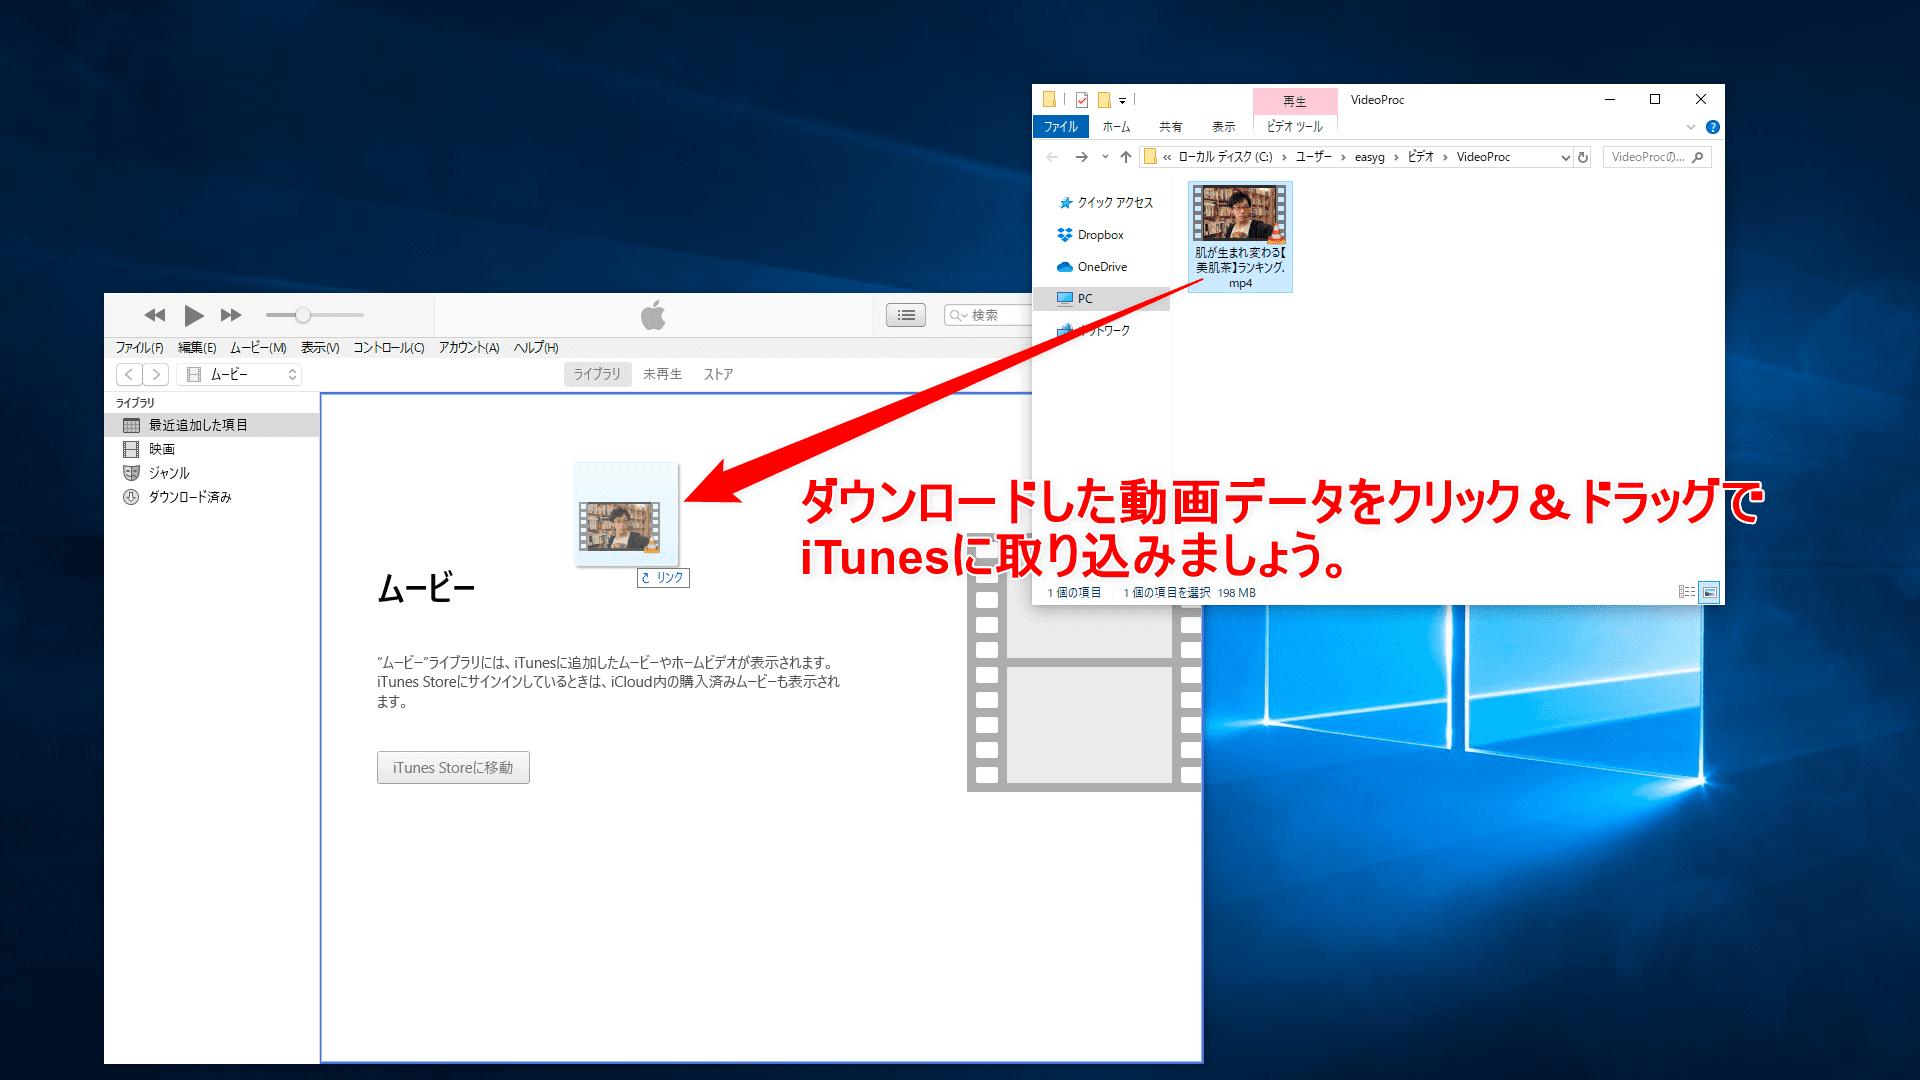 【YouTube動画のダウンロード保存方法】iPhoneでYouTubeをオフライン再生!パソコンに保存してウェブ動画をスマホで観る|便利ソフトVideoProcで簡単DL|ダウンロードした動画をiPhoneで観る方法:先ほど画面キャプチャーした動画データをクリック&ドラッグして、iTunes上のムービーに持っていきます。 「リンク」とマウスポインタ周辺に表示されたら、動画データをドロップしましょう。